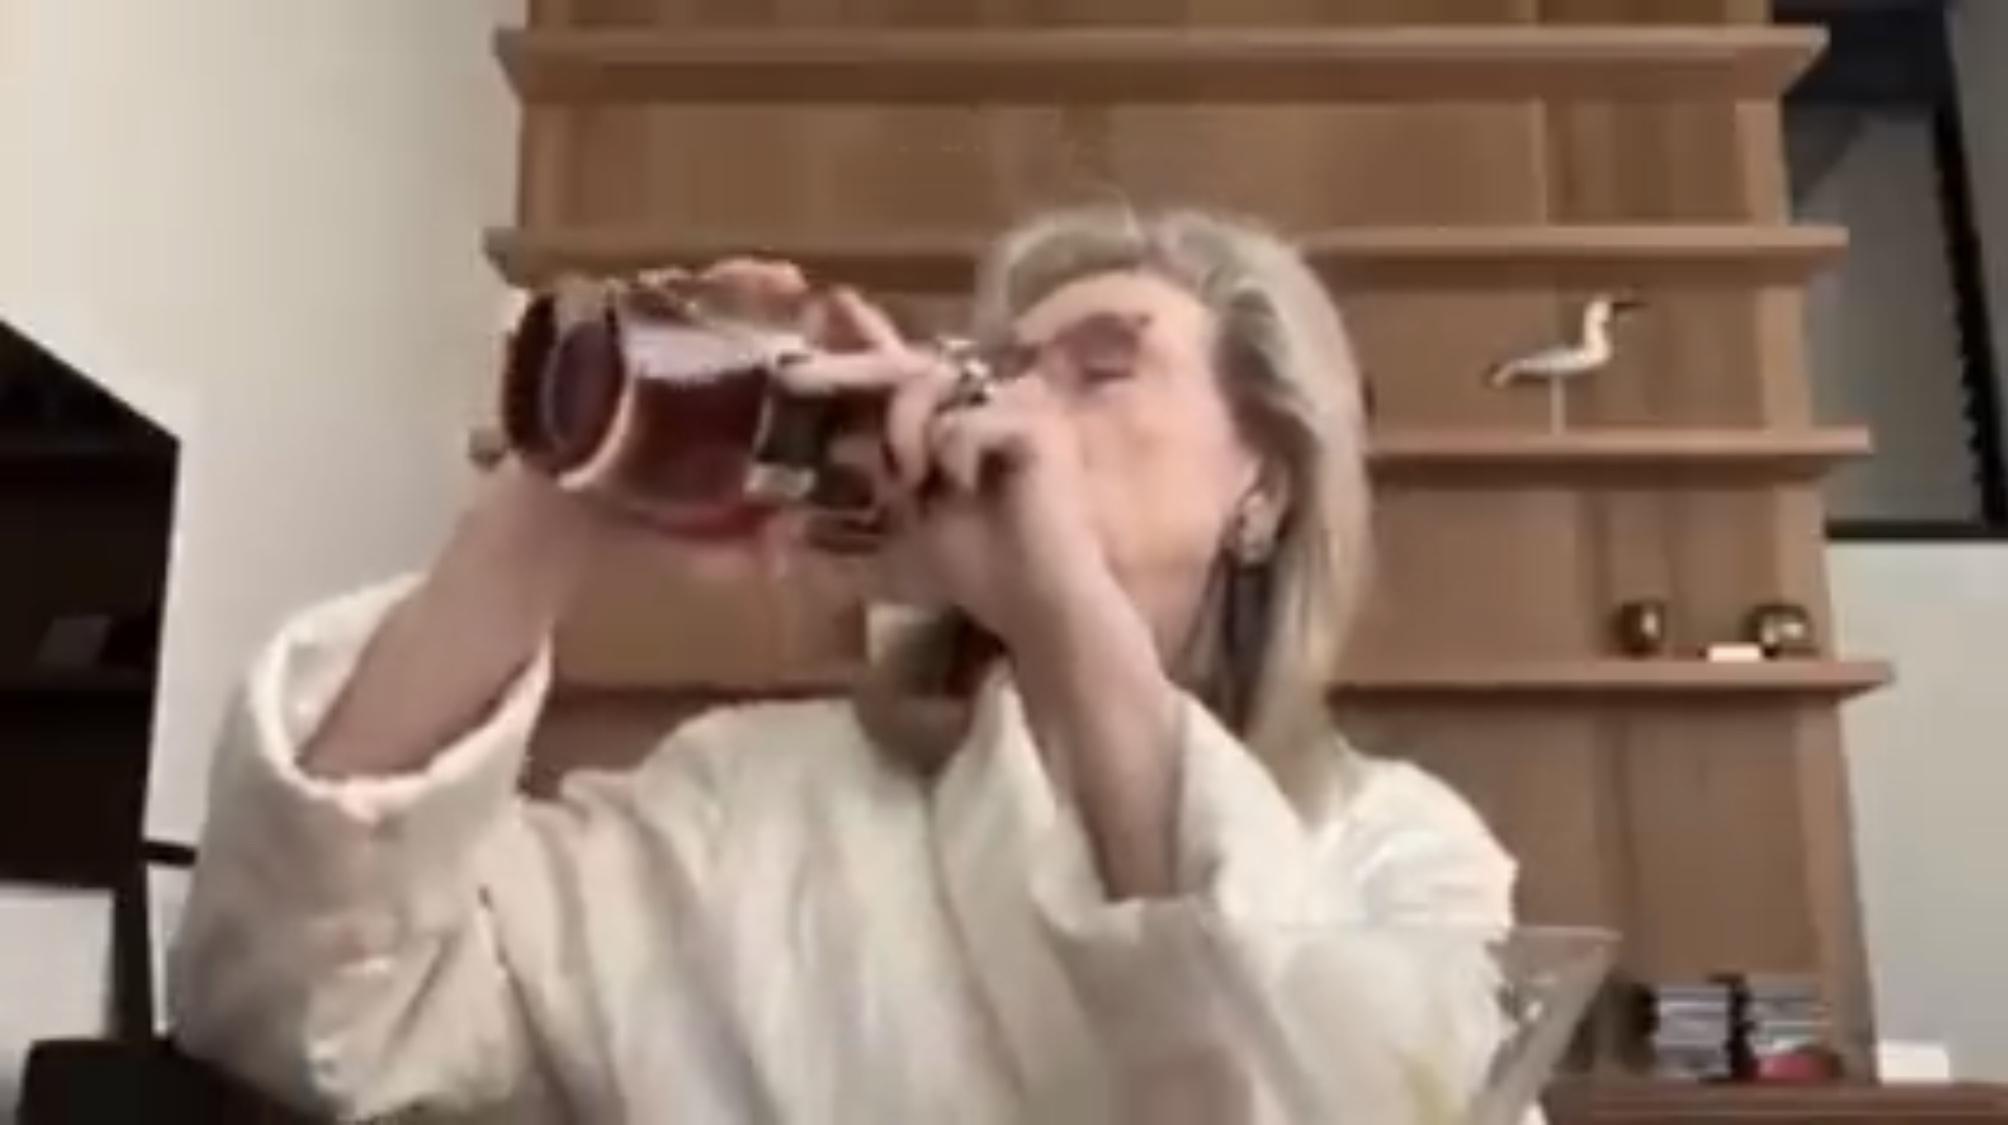 La diretta video di Meryl Streep che canta e beve in accappatoio bianco: il popolo di Zoom impazza (VIDEO)